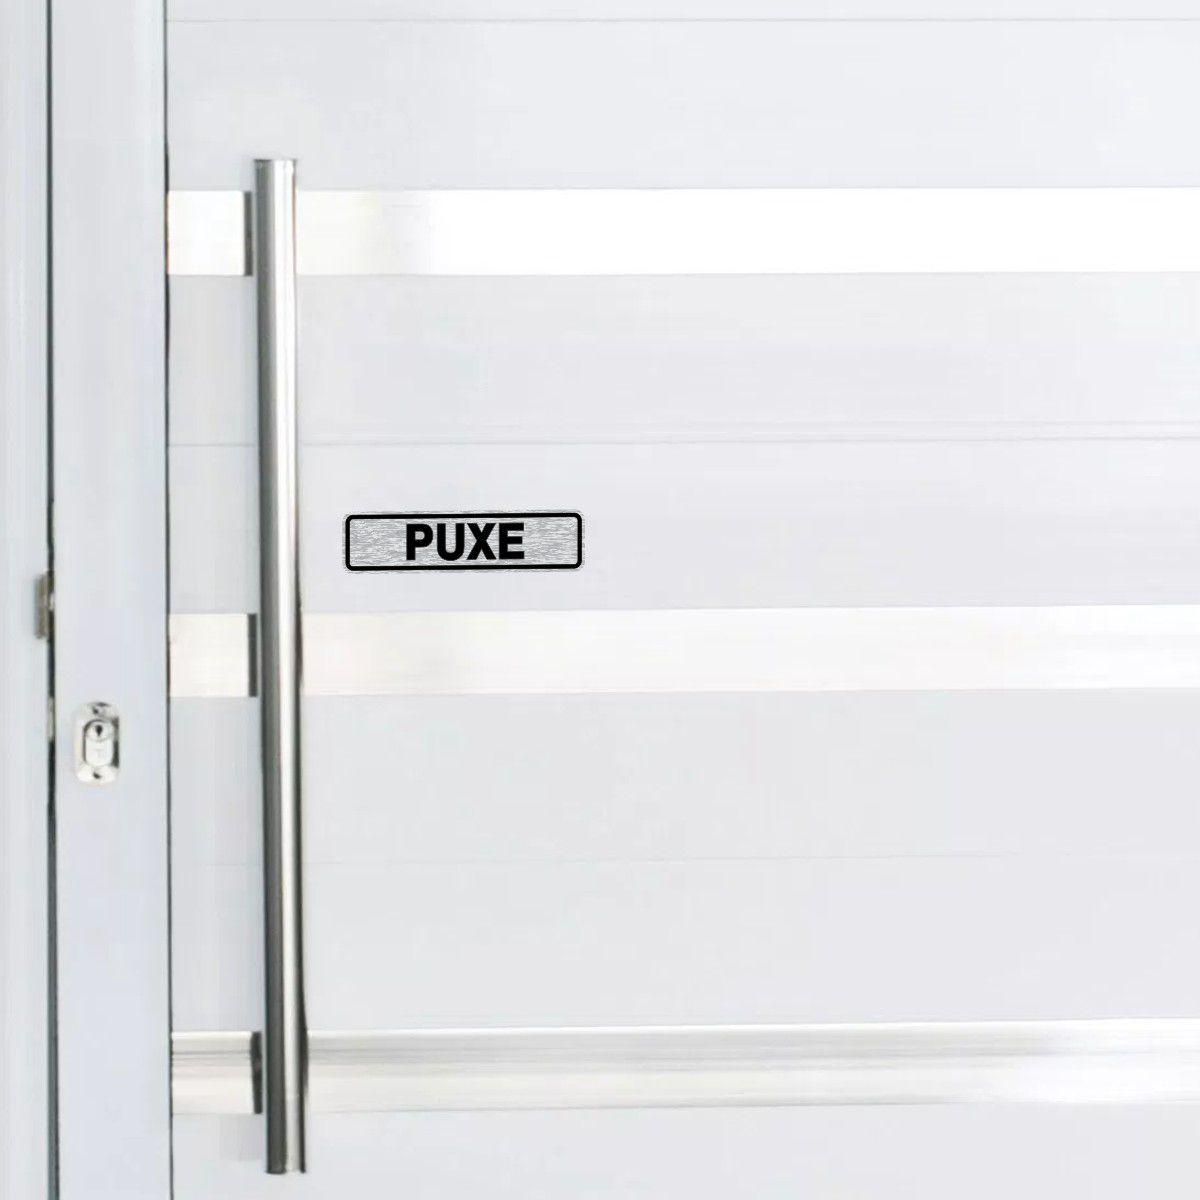 Adesivo PUXE EMPURRE para portas